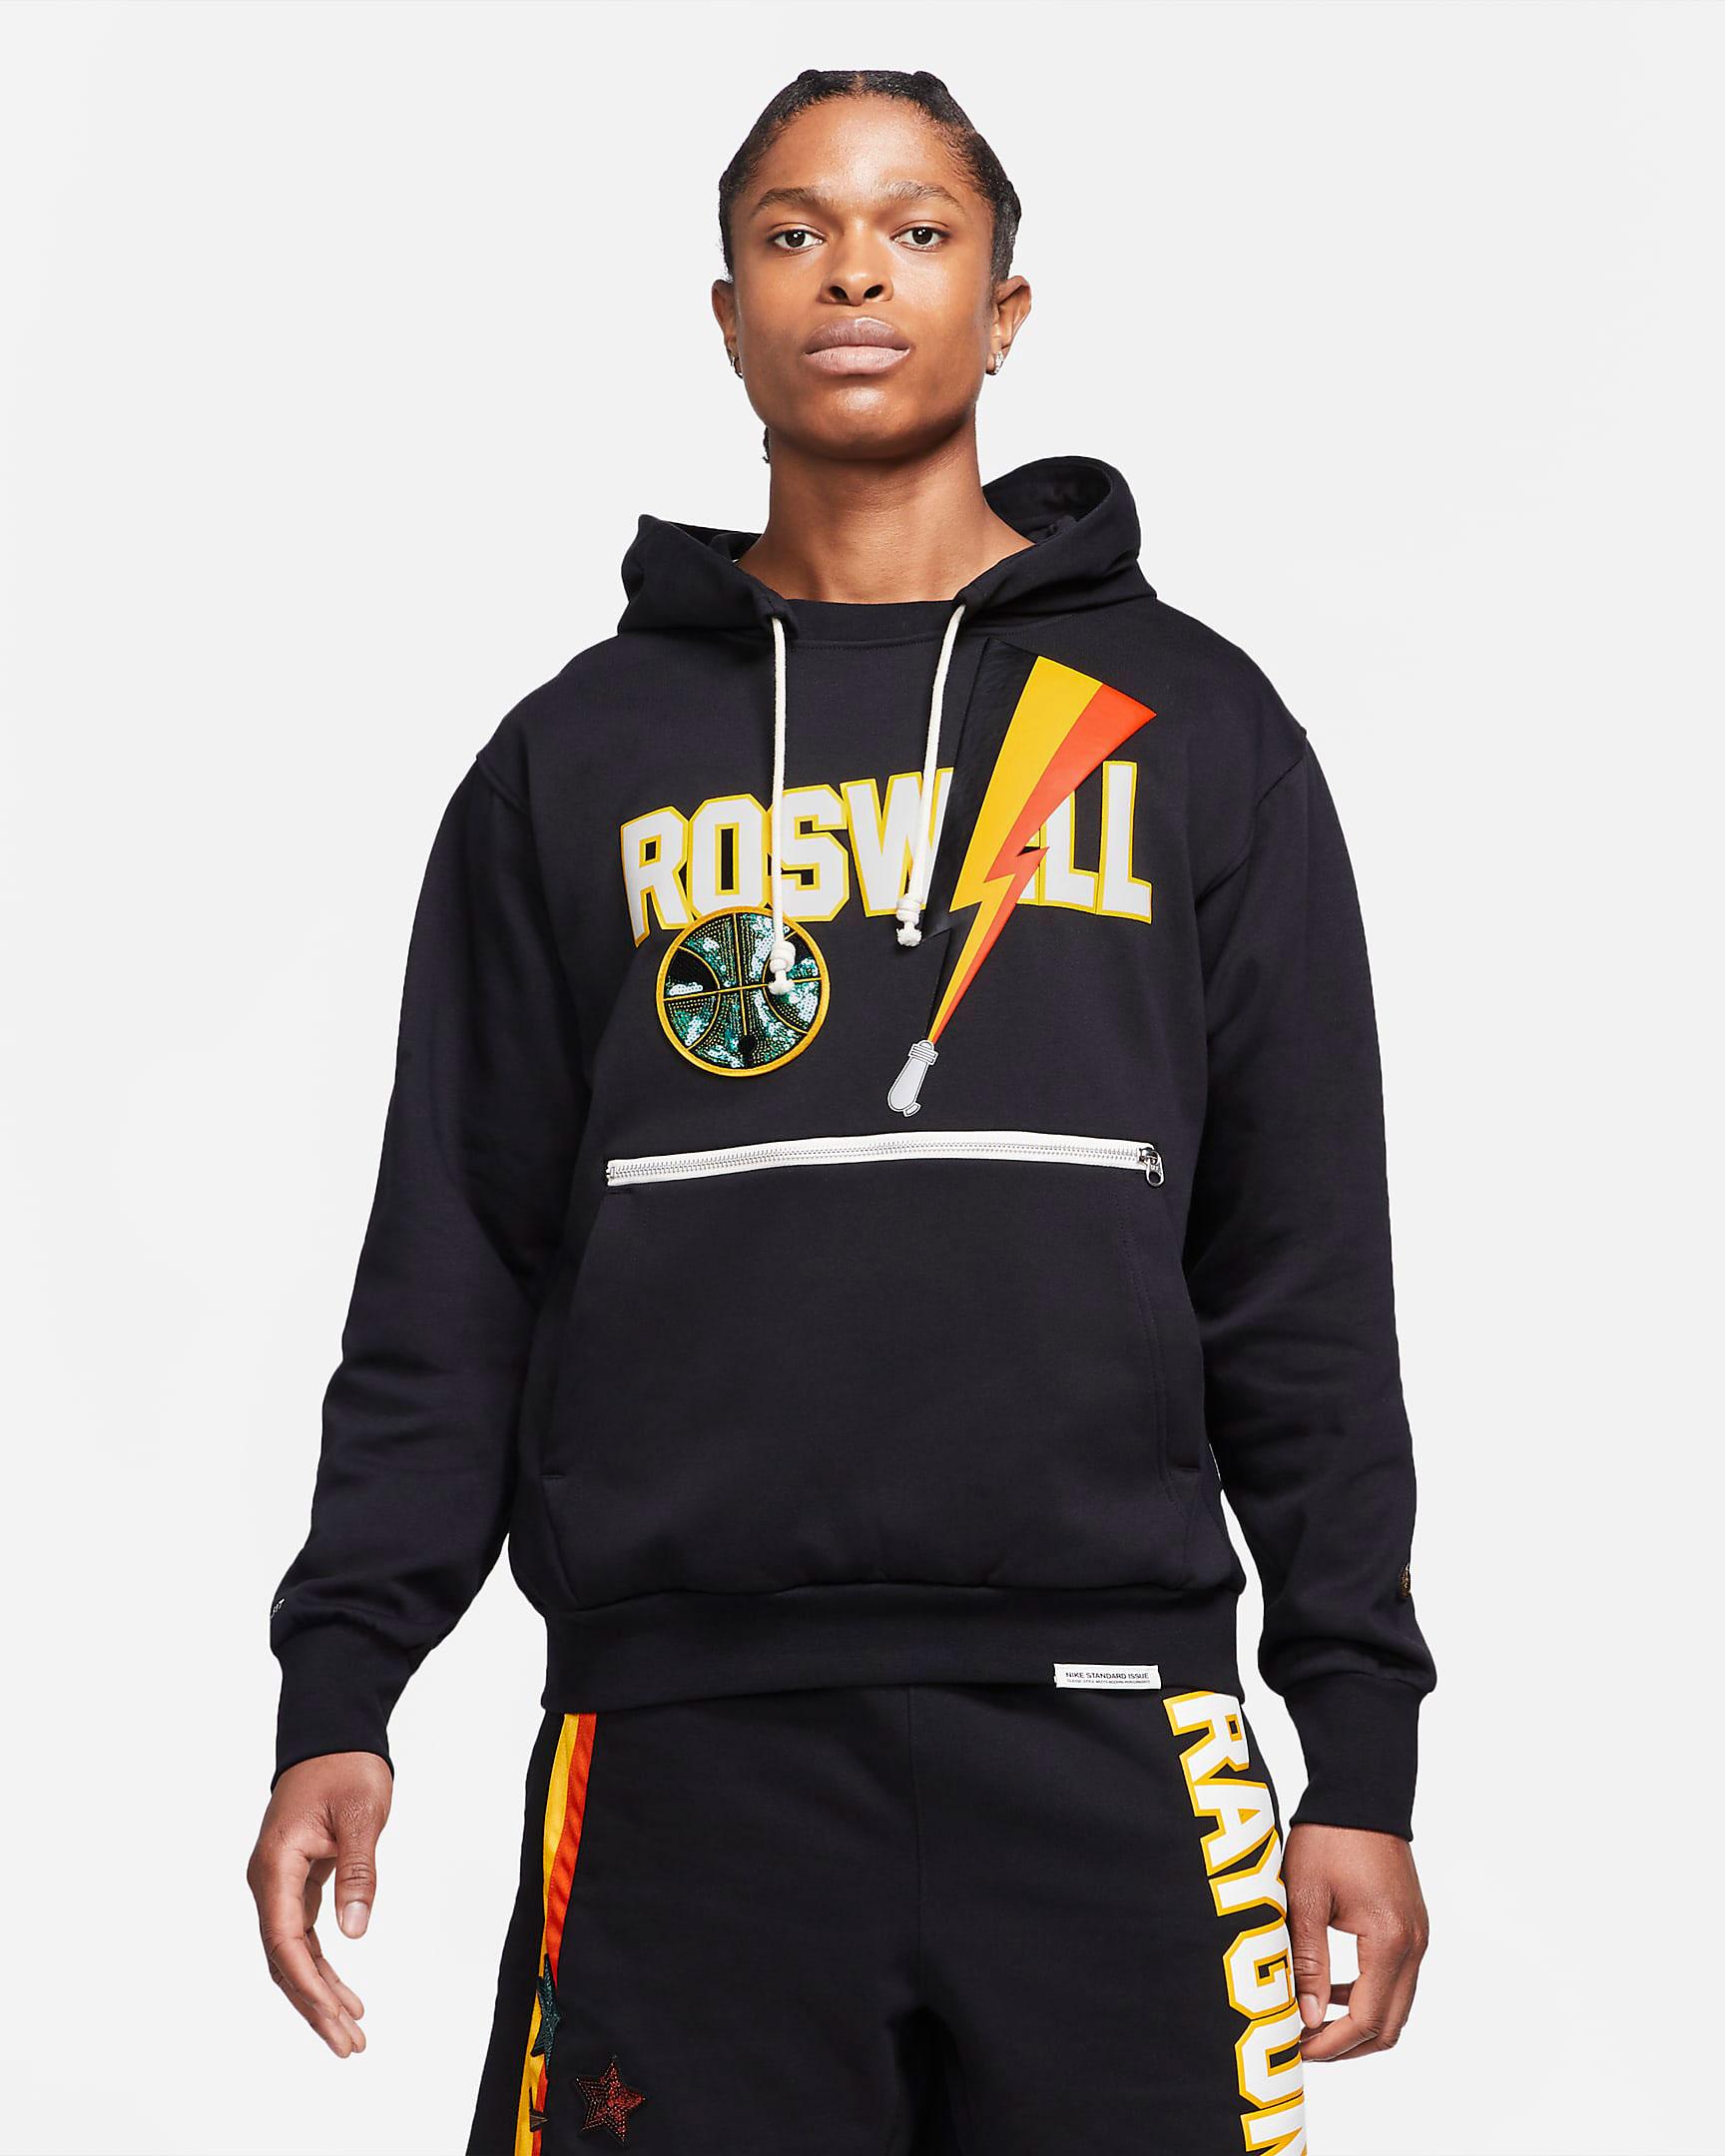 nike-roswell-rayguns-hoodie